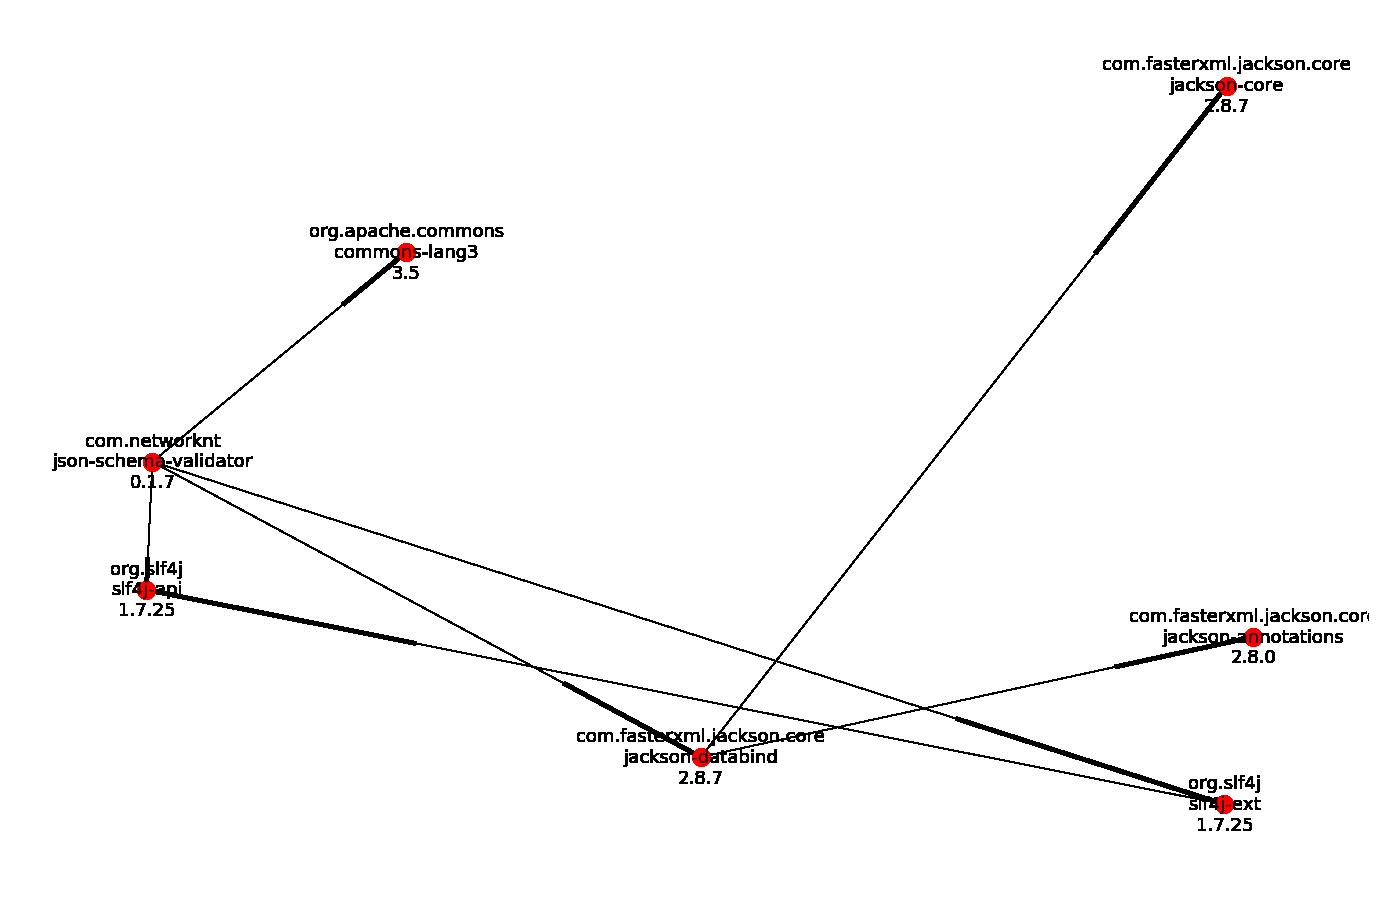 json-schema-validator-dependency-graph